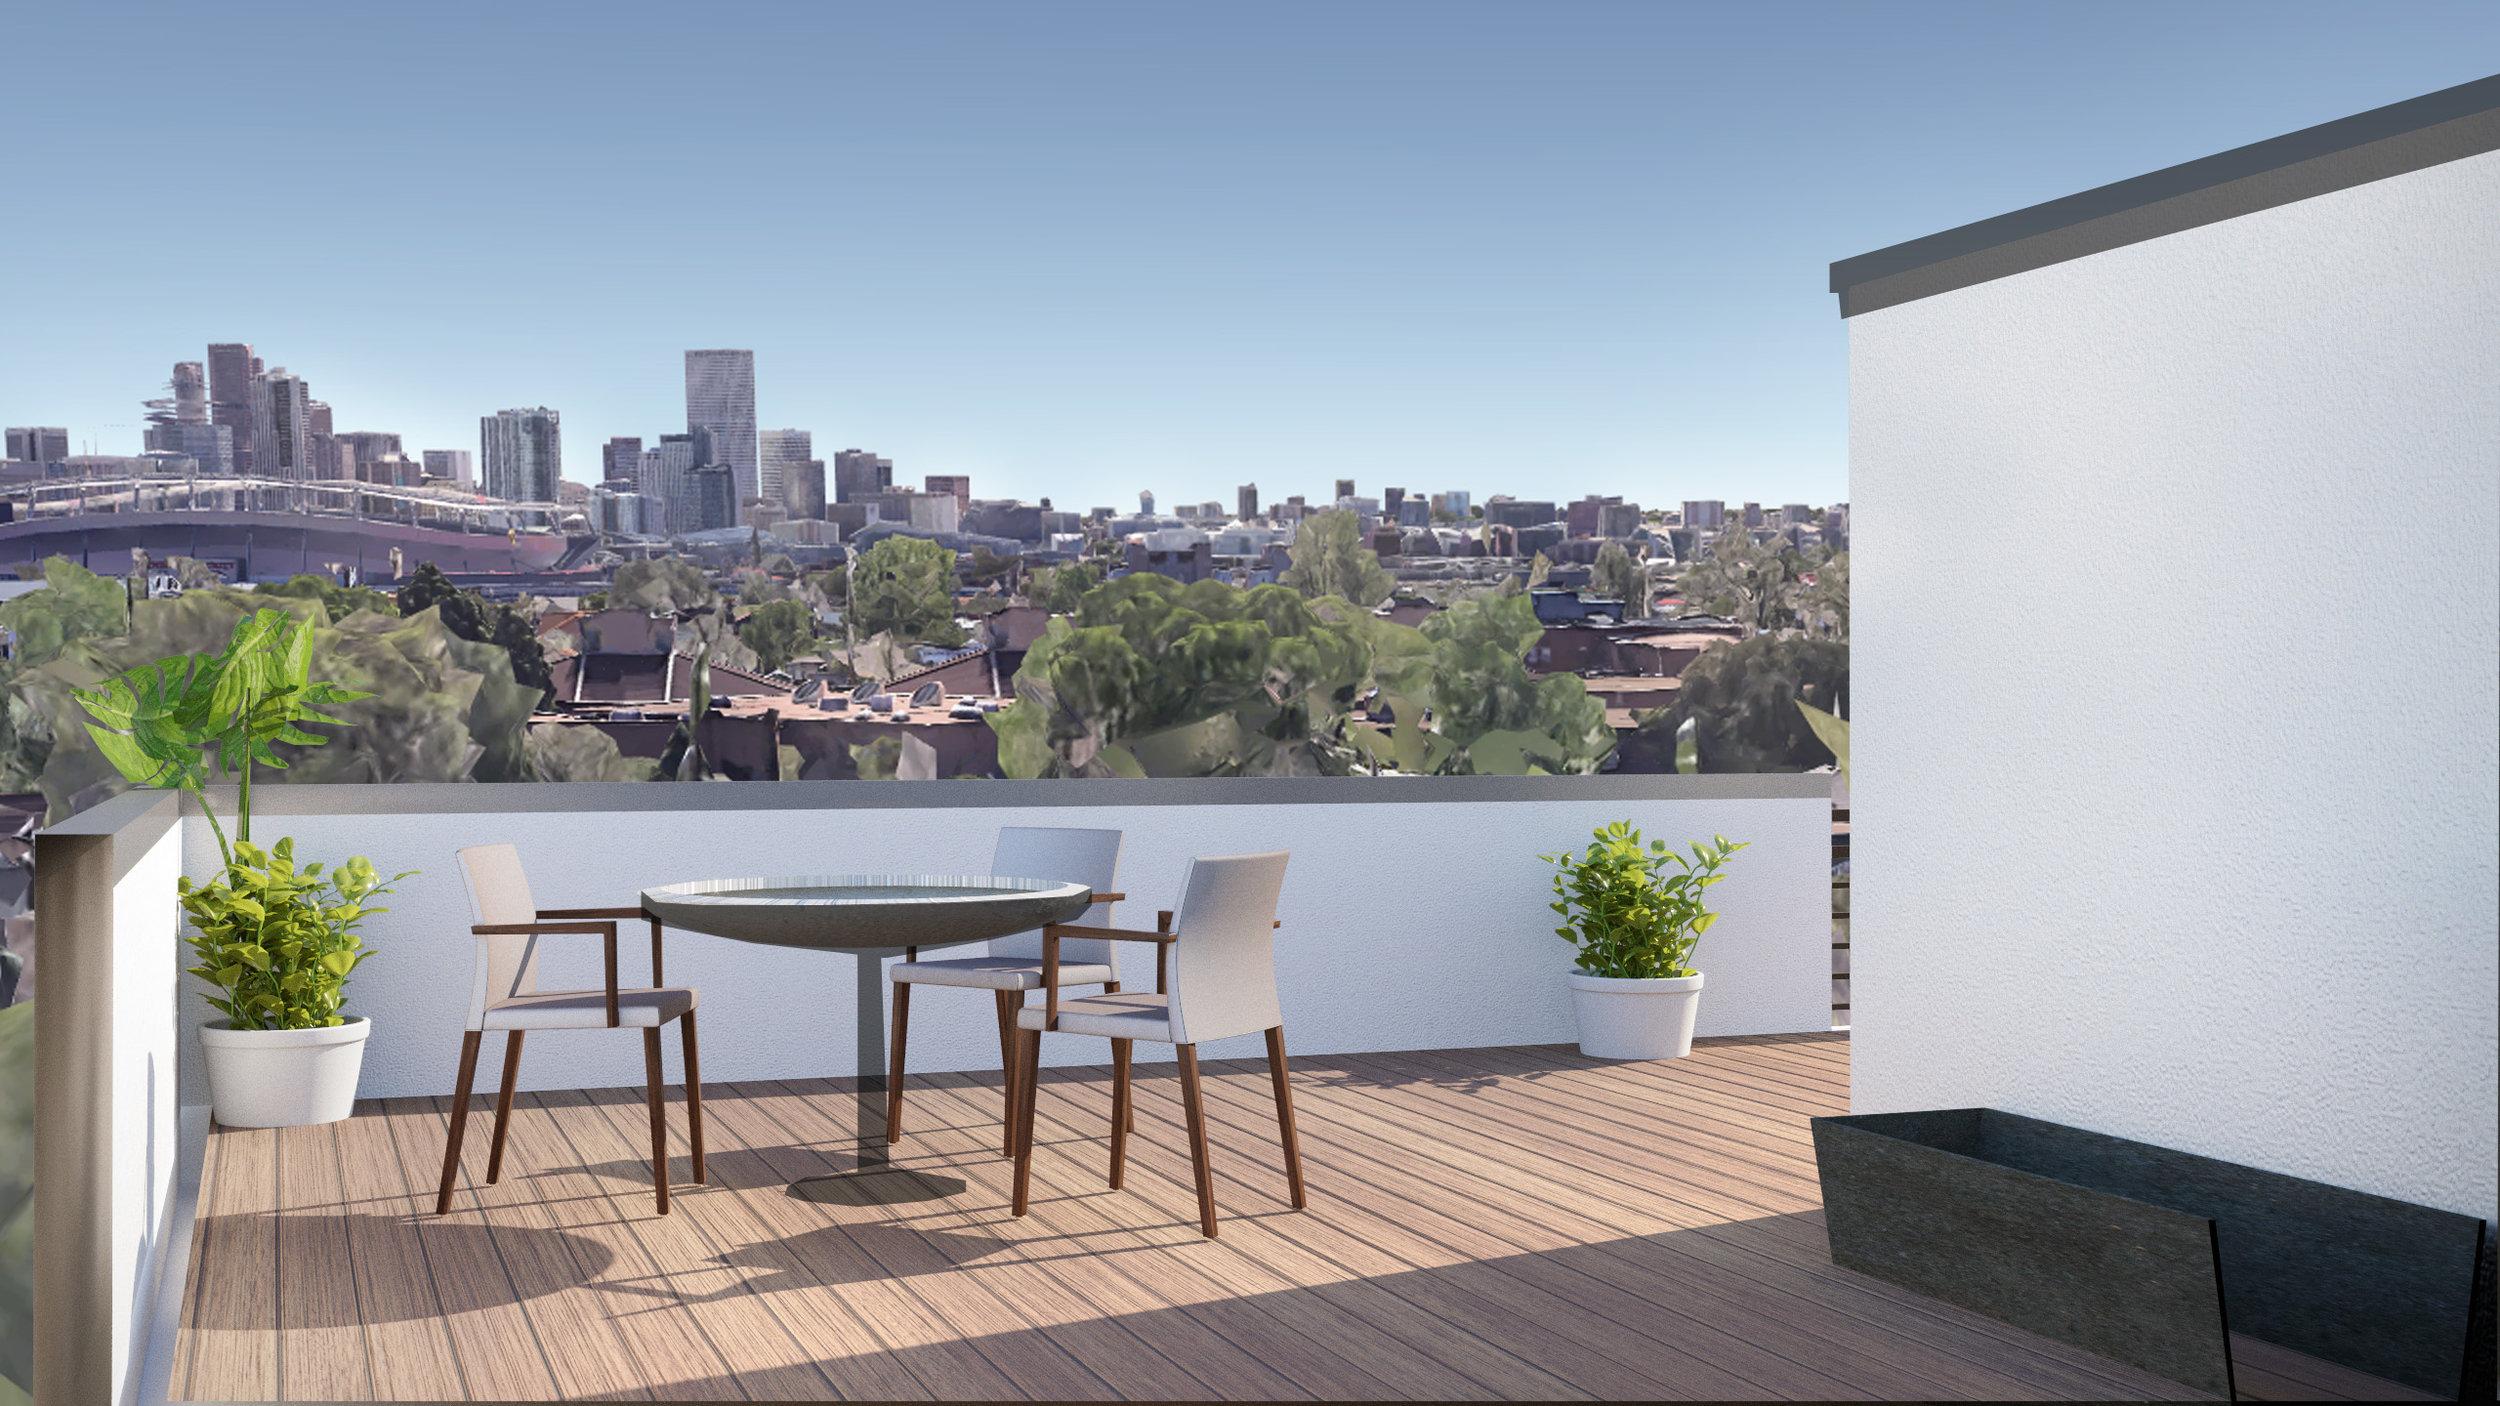 King- Rooftop Rendering #1.jpg